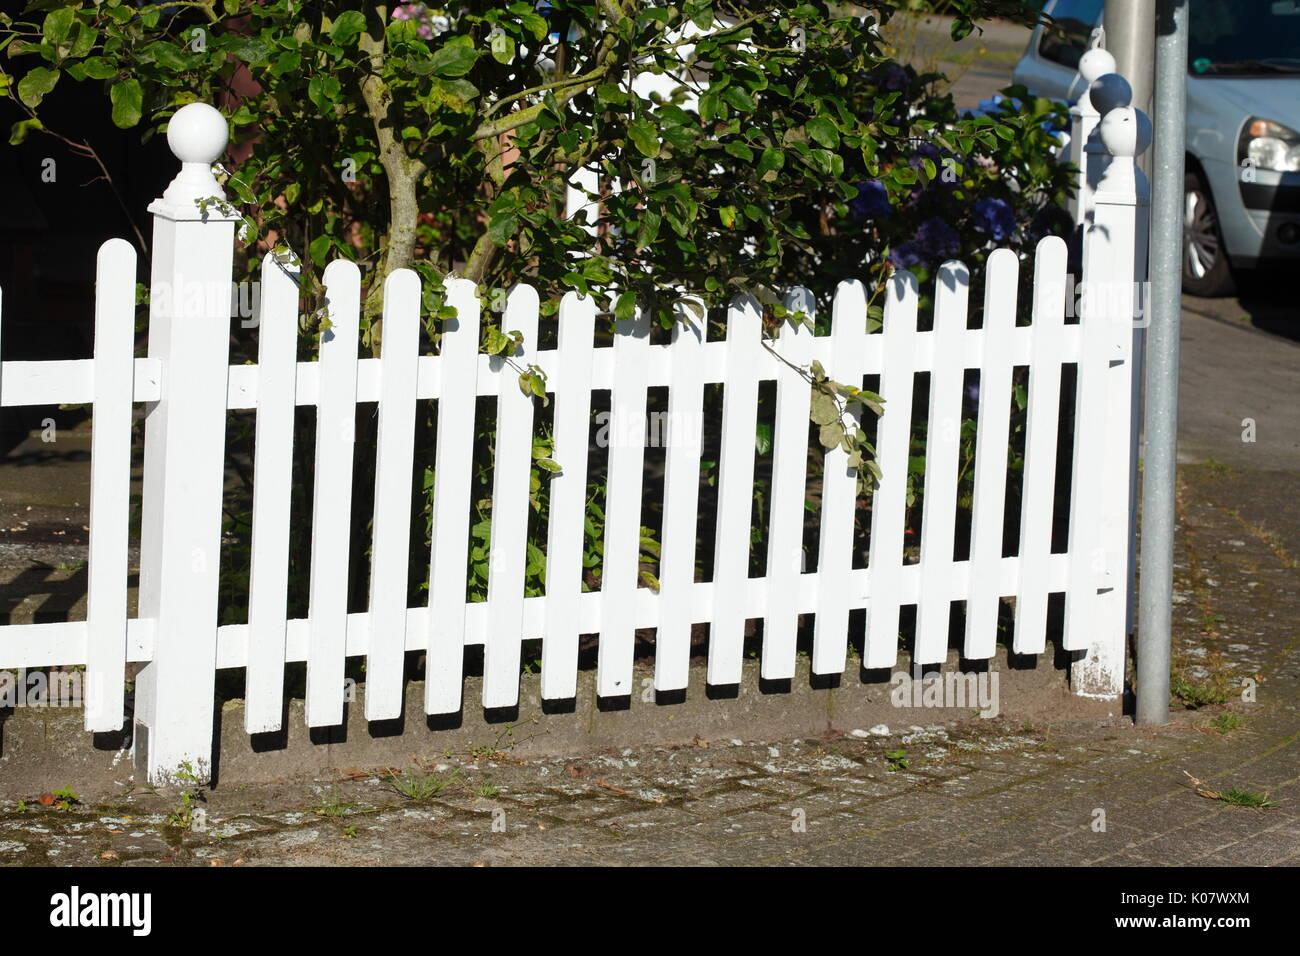 Piante Per Recinzioni Giardino.Legno Bianco Recinzione Da Giardino Con Piante Foto Immagine Stock